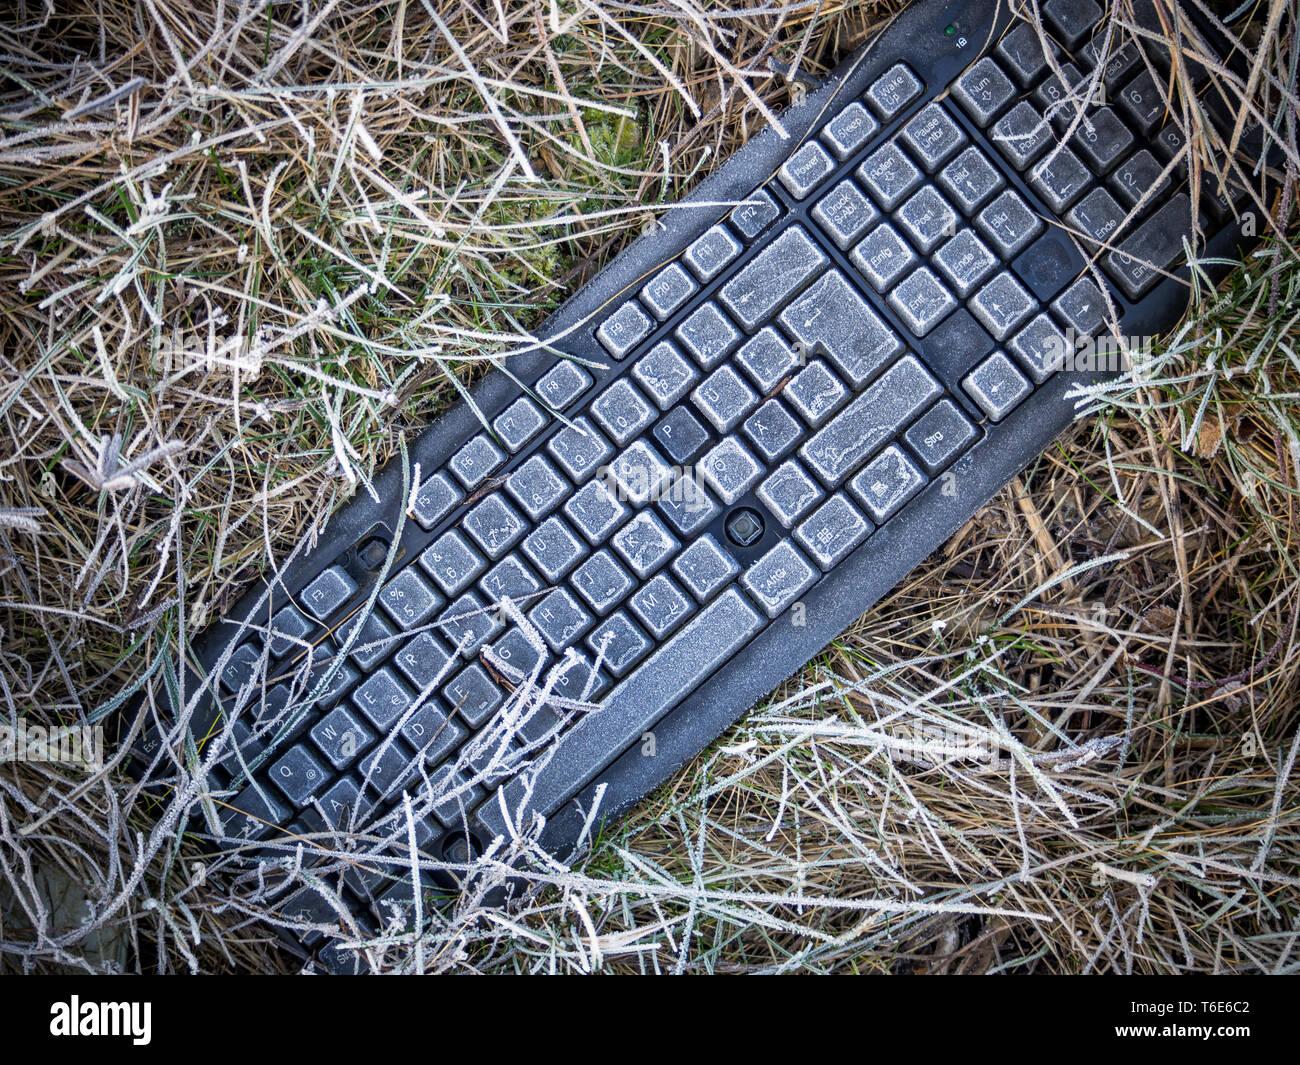 Computer keyboard thrown away - Stock Image